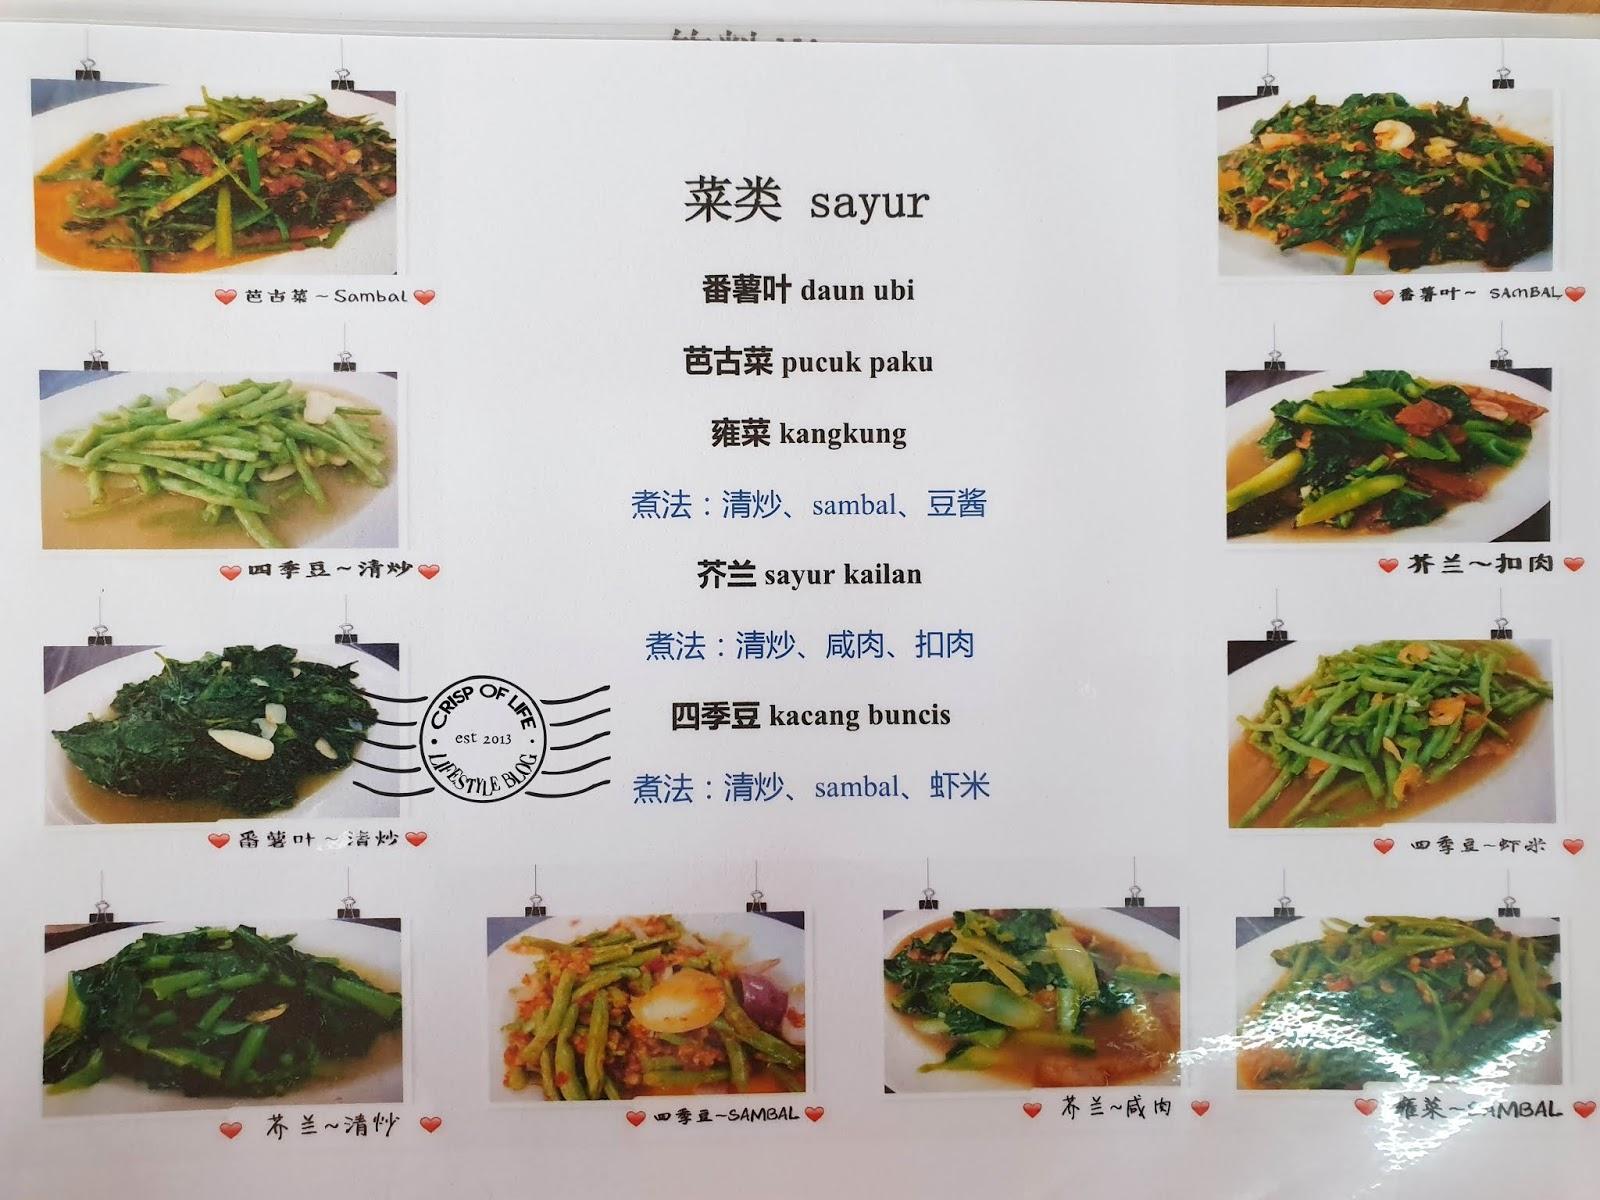 Yang Yang Ho River Food 洋洋好中泰河鲜 @ Bagan Samak, Bandar Baharu, Kedah